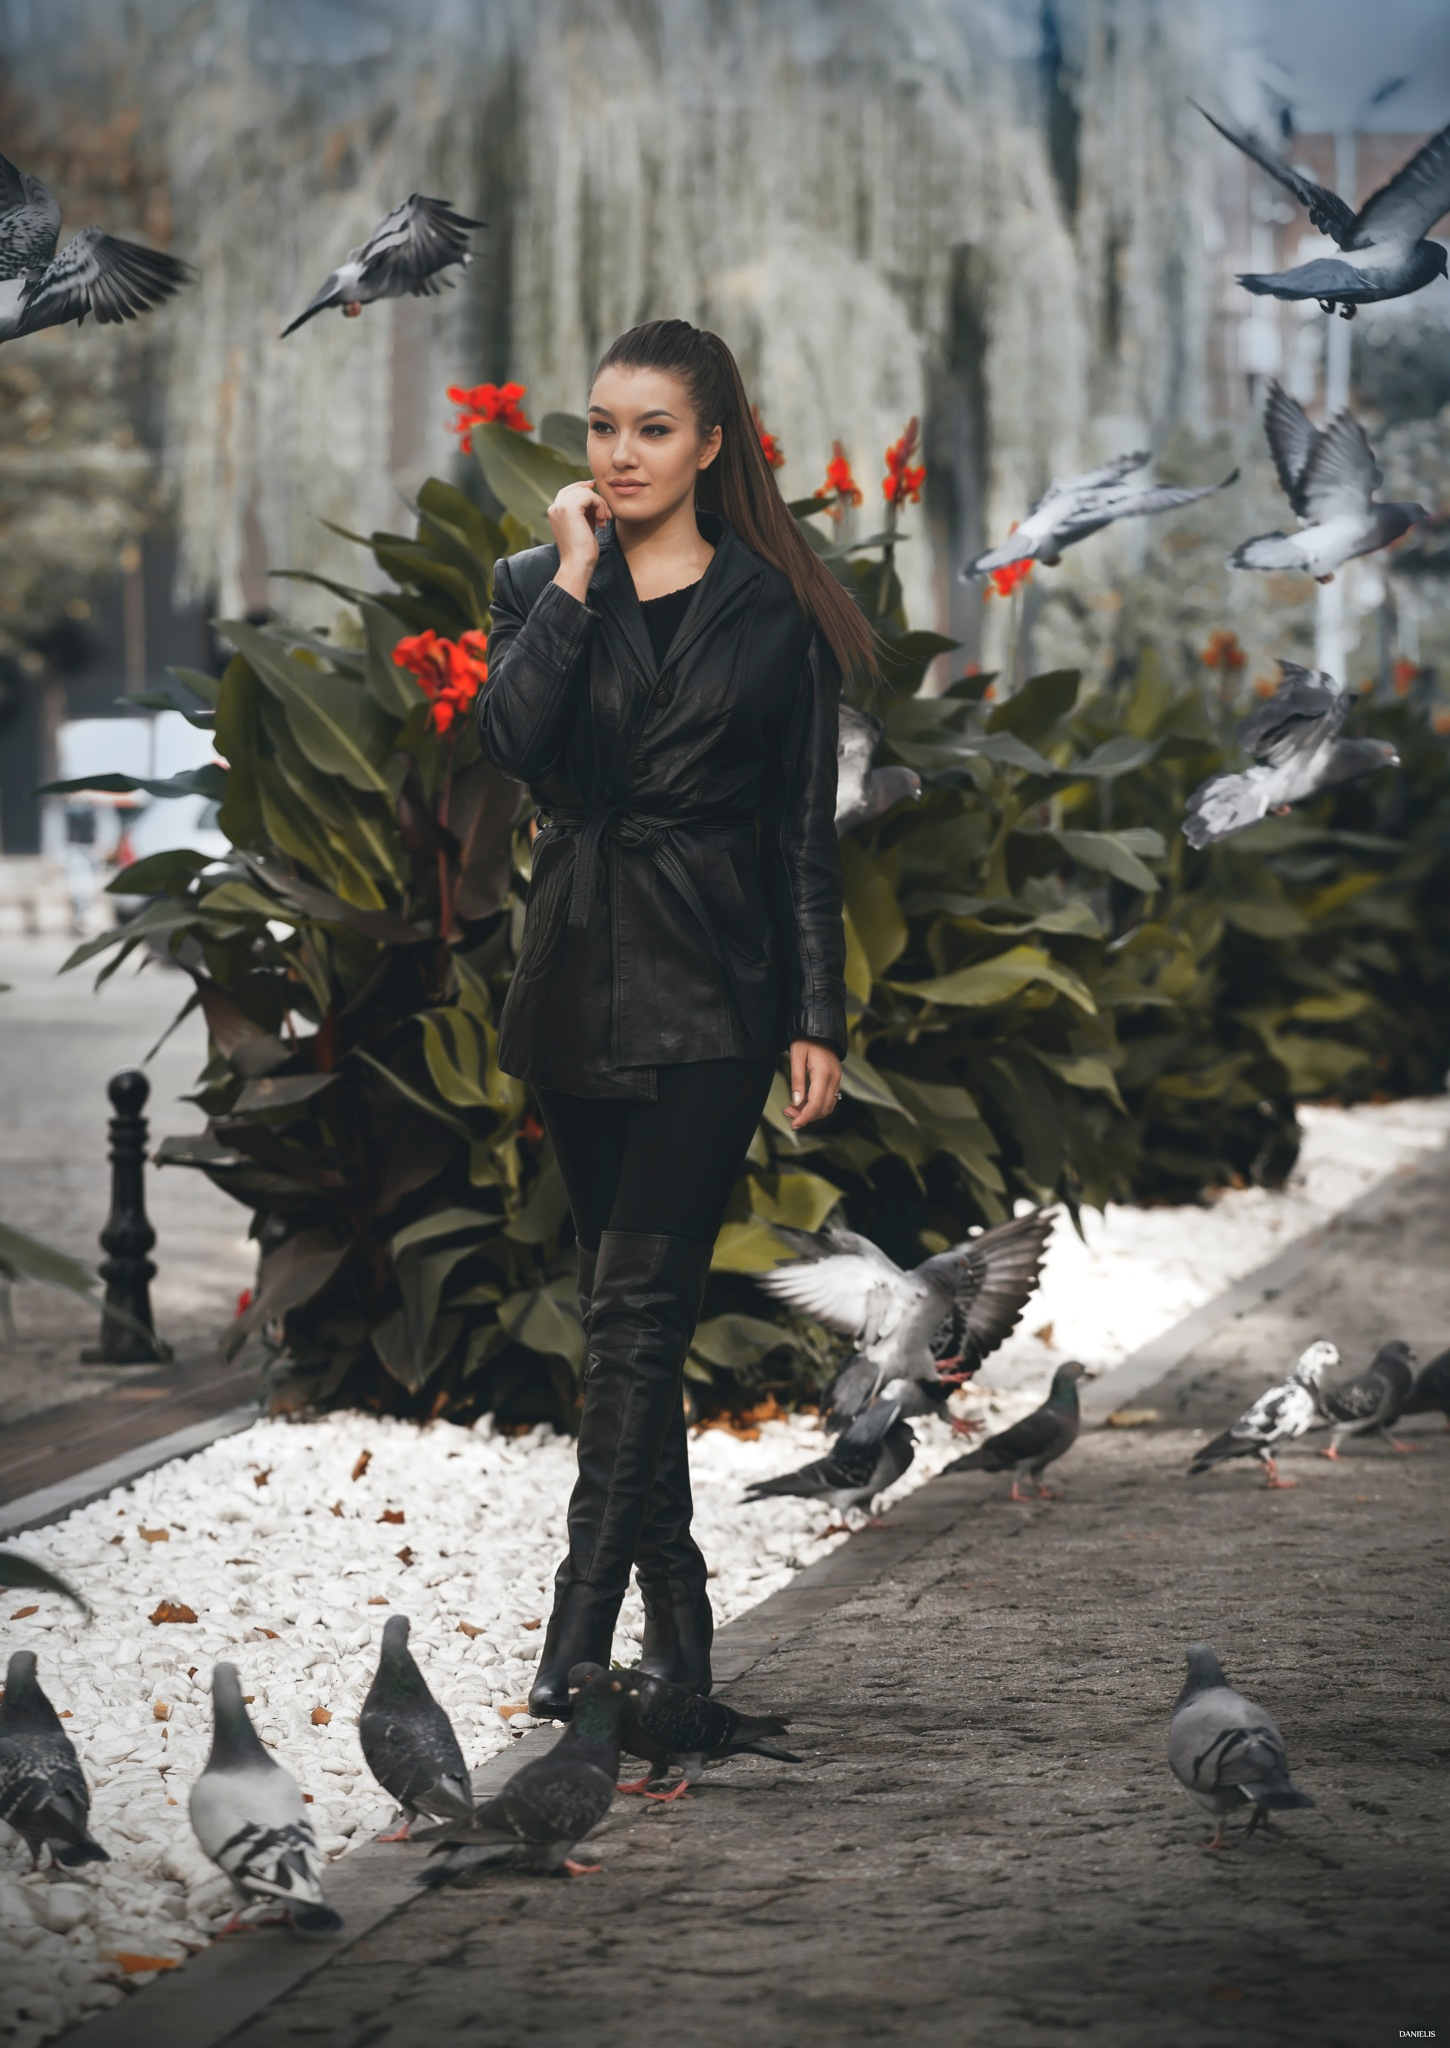 Ingrid by Danielis